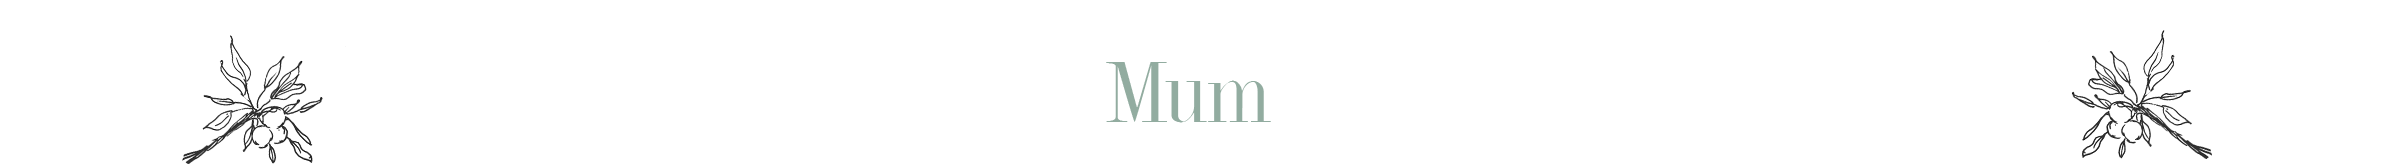 mum.png